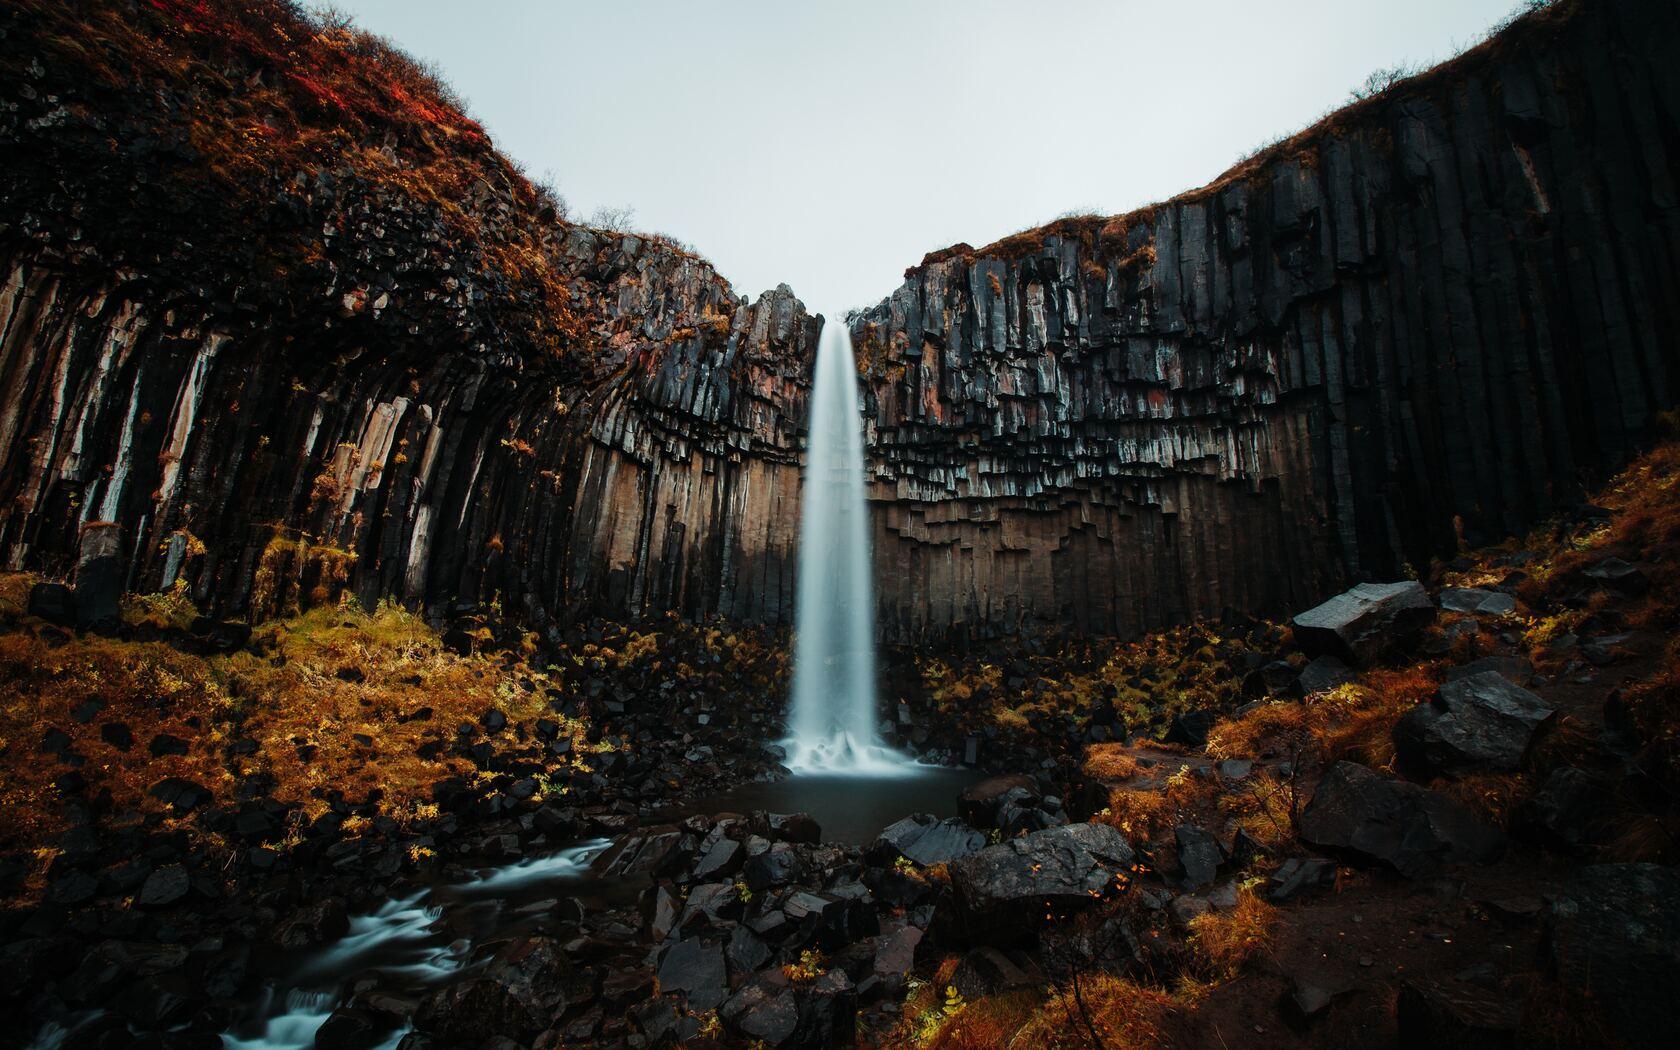 waterfall-forest-5k-ml.jpg